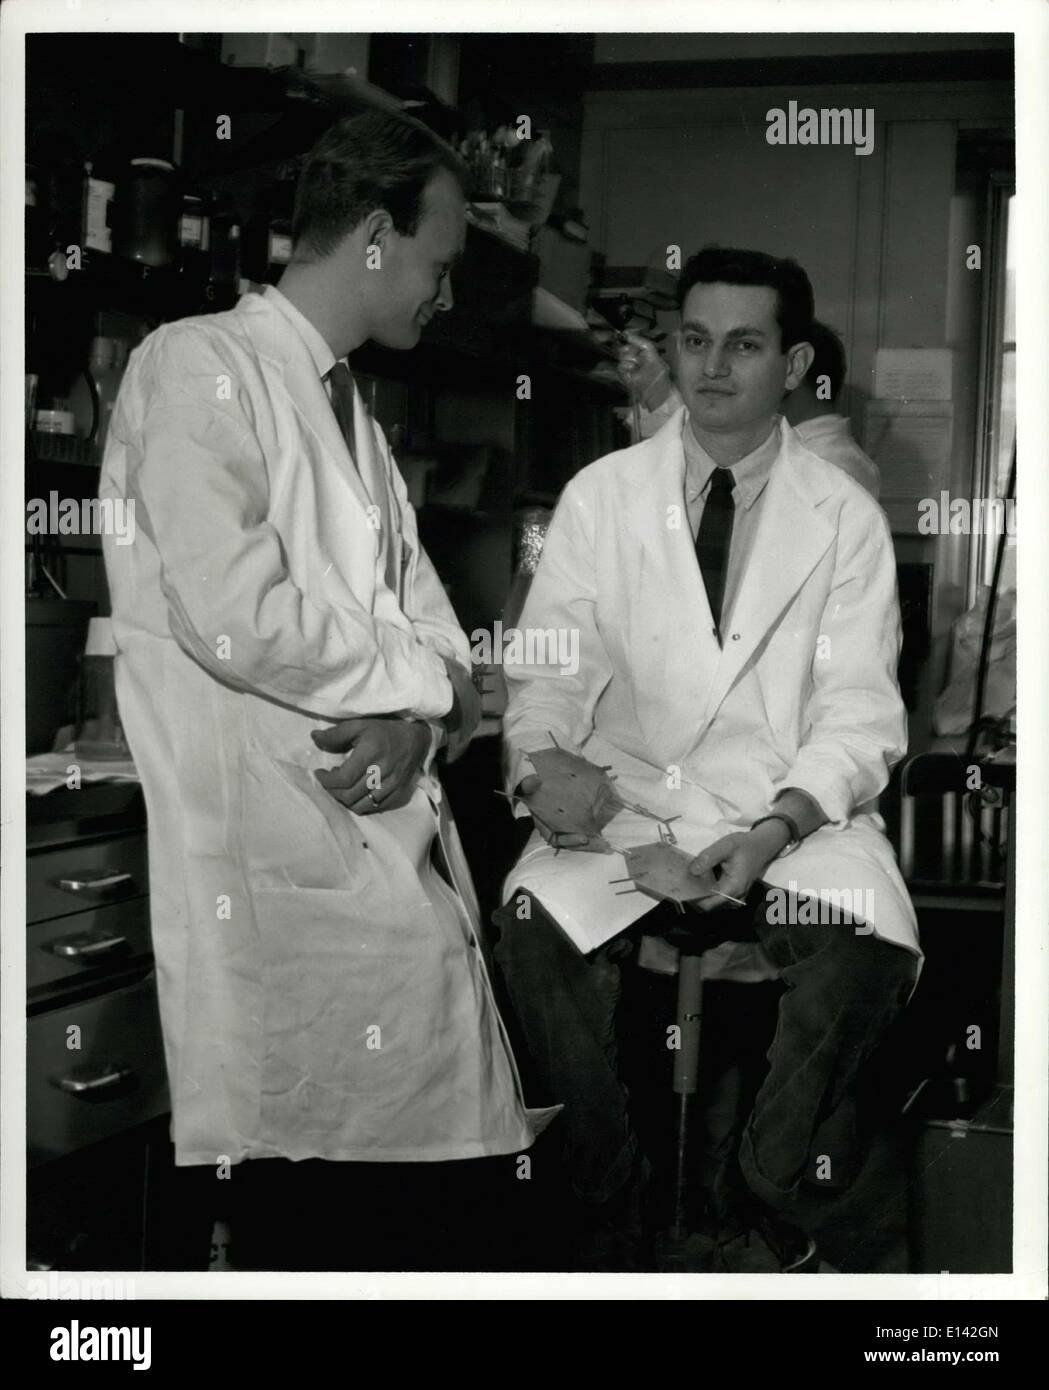 Marzo 31, 2012 - 1968, Premio Nobel de Fisiología y Medicina Dr. Marshall W. Nirenberg ganador de los Institutos Nacionales de Salud, Bethesda, Maryland (derecha) con Heinrich Matthael del Instituto Max Planck, Gottingen, Alemania Occidental, en el corazón del Laboratorio Nacional de Institutos. Imagen De Stock